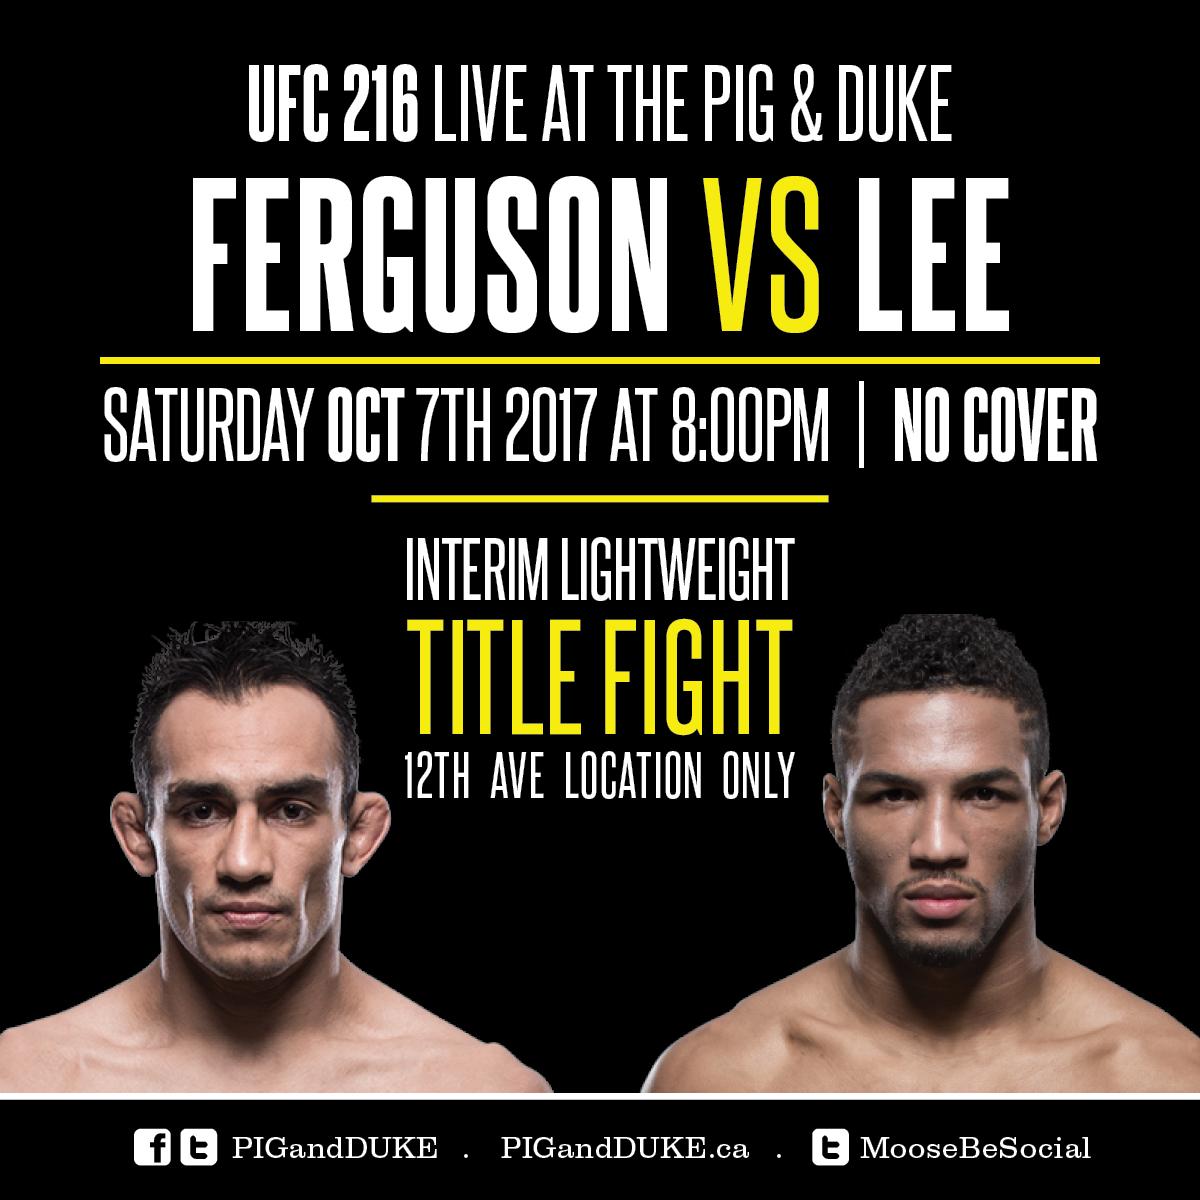 P&D_UFC_216